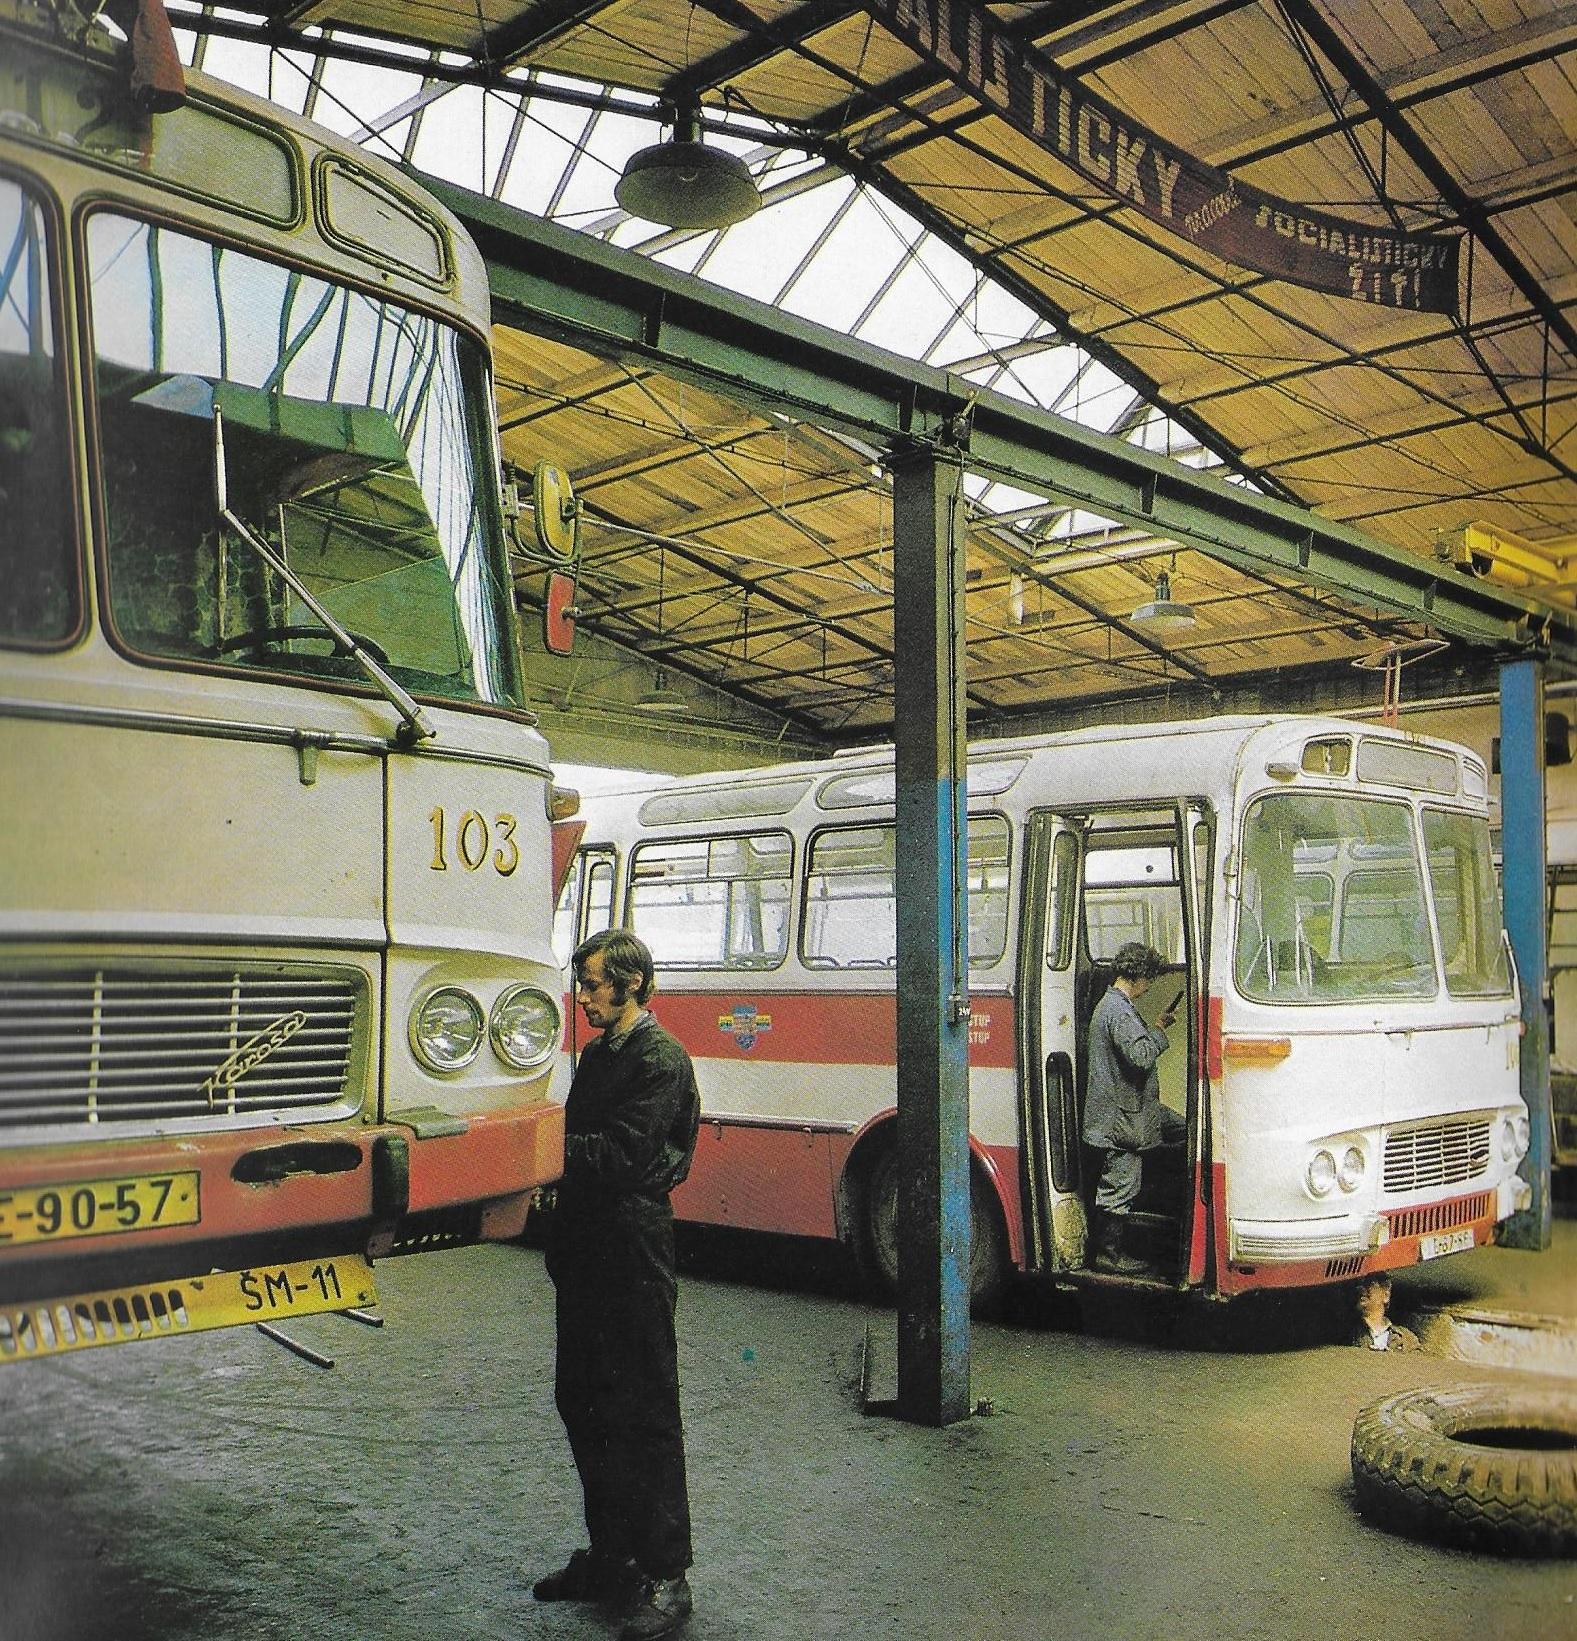 Údržba autobusů Karosa ŠM 11 v Košicích. (foto: DPMK)